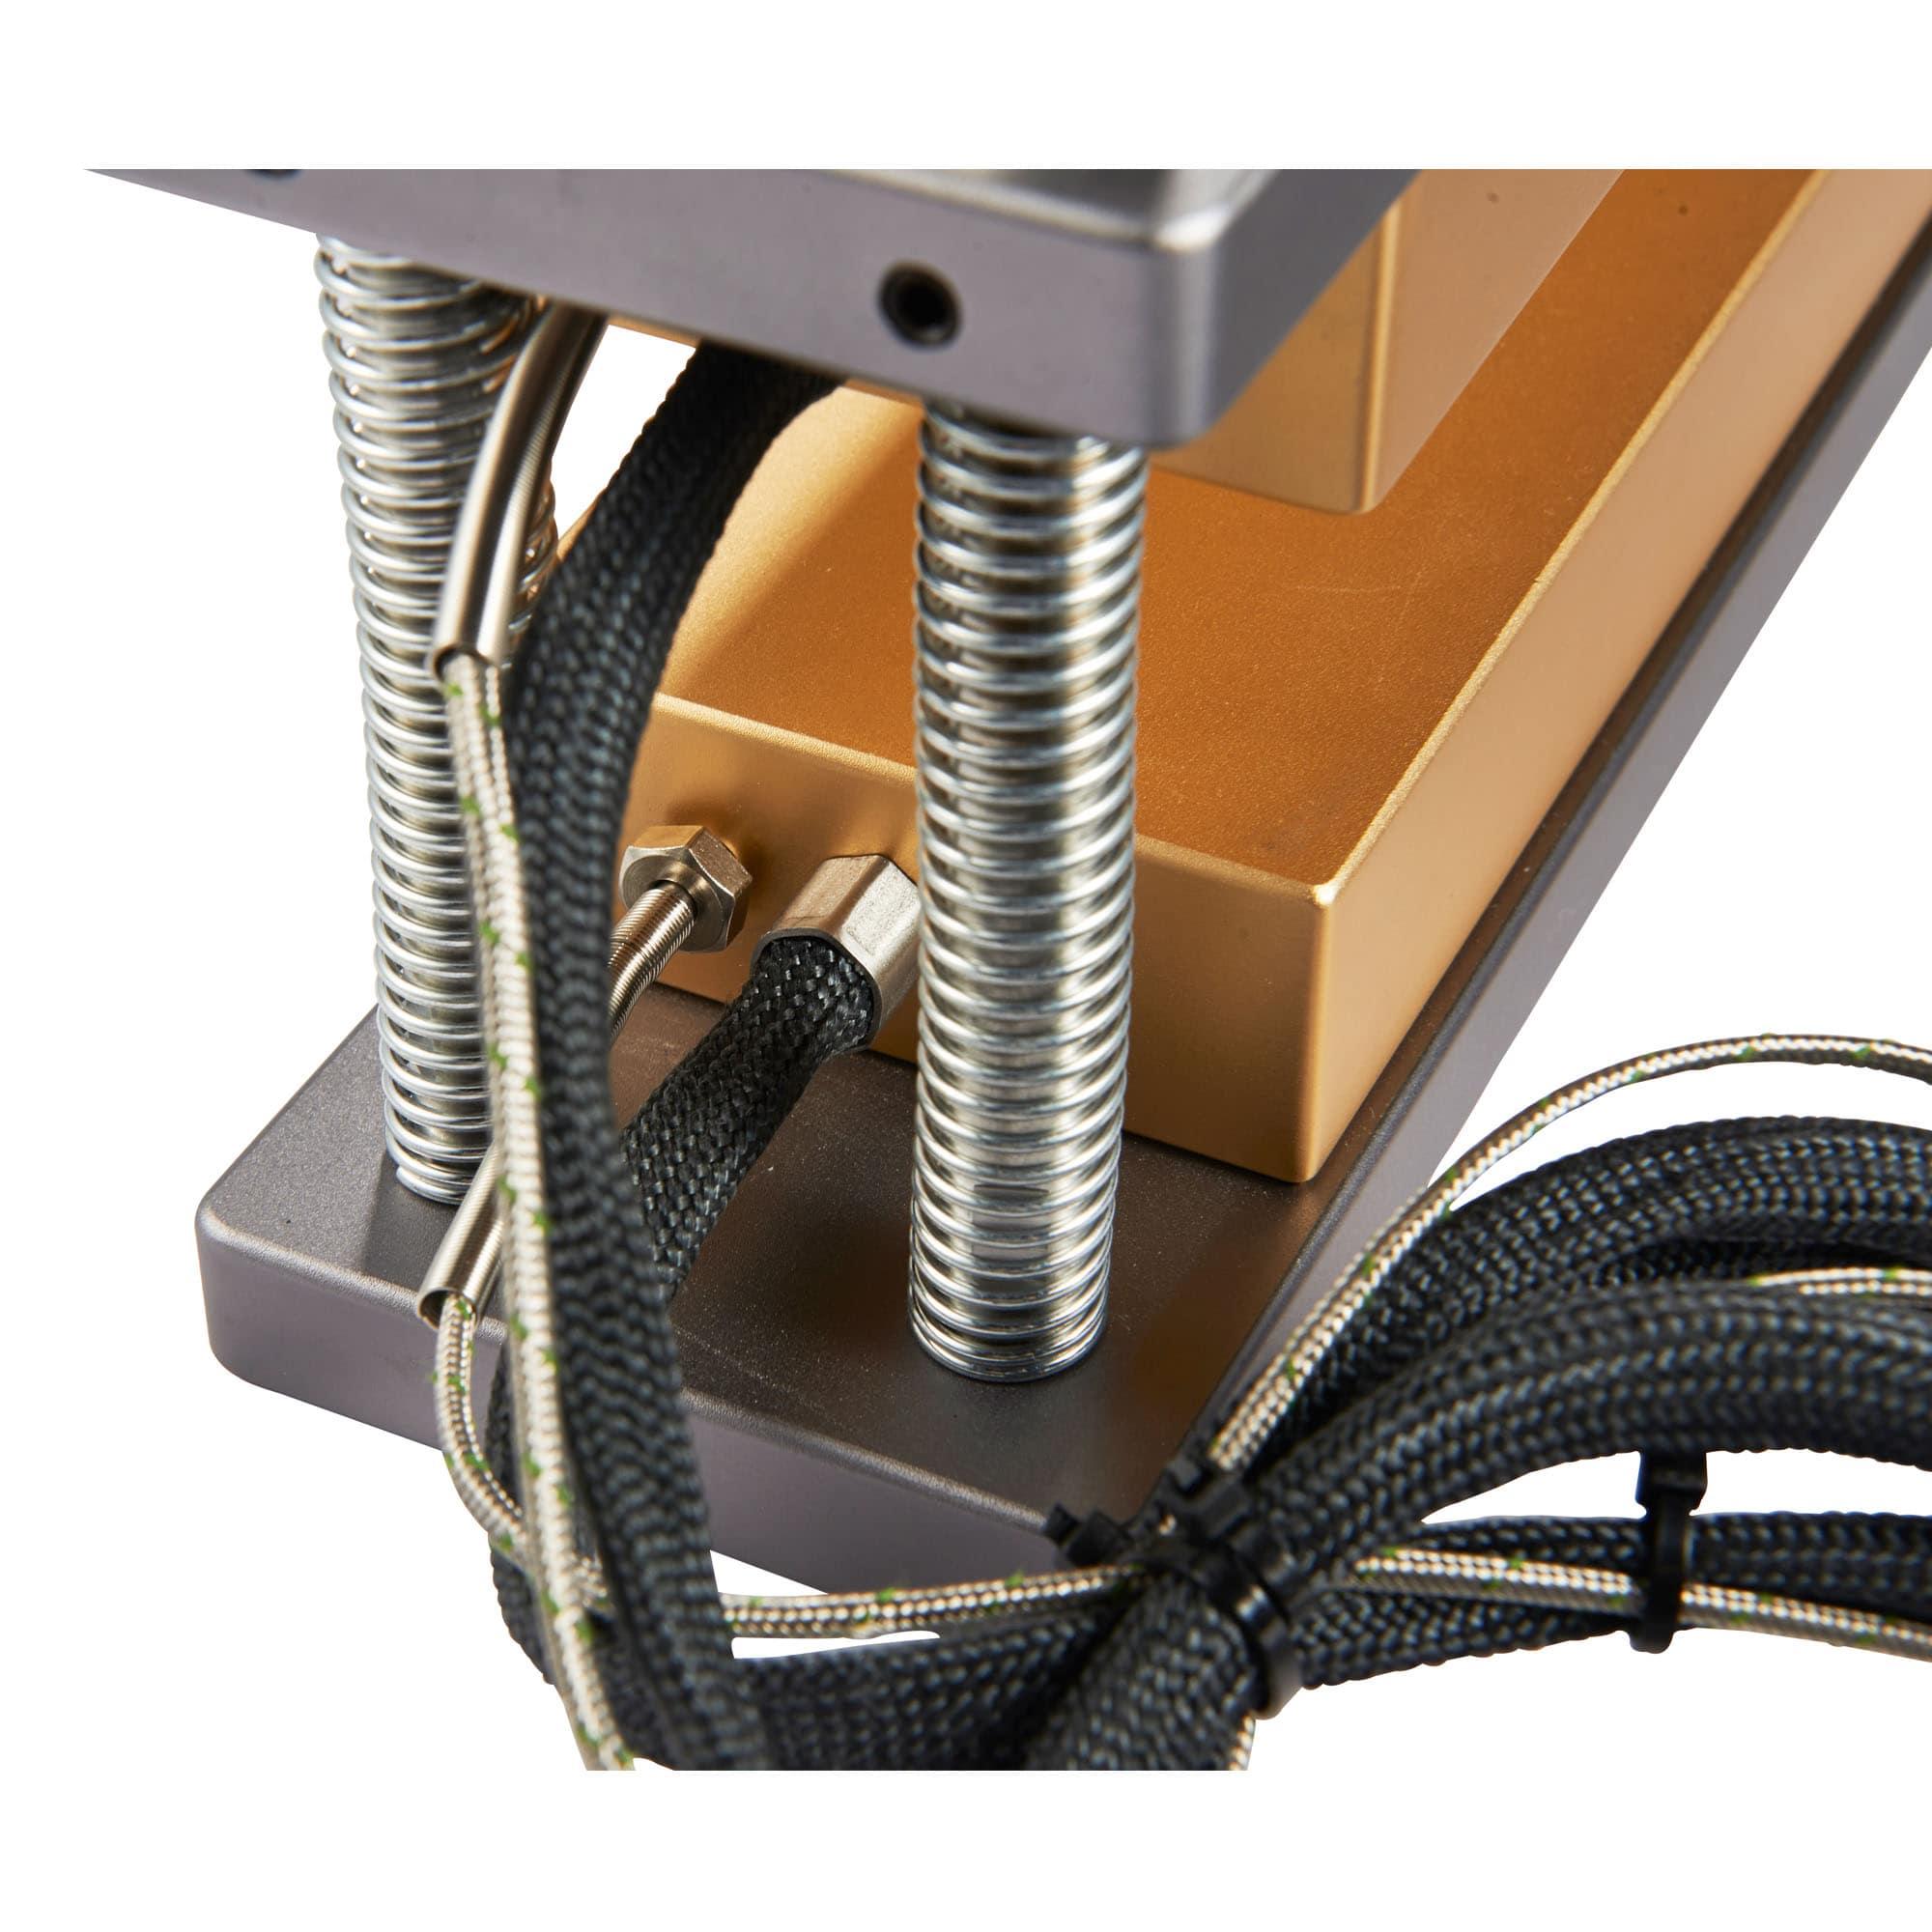 3x7 | Rosin Cage Kit